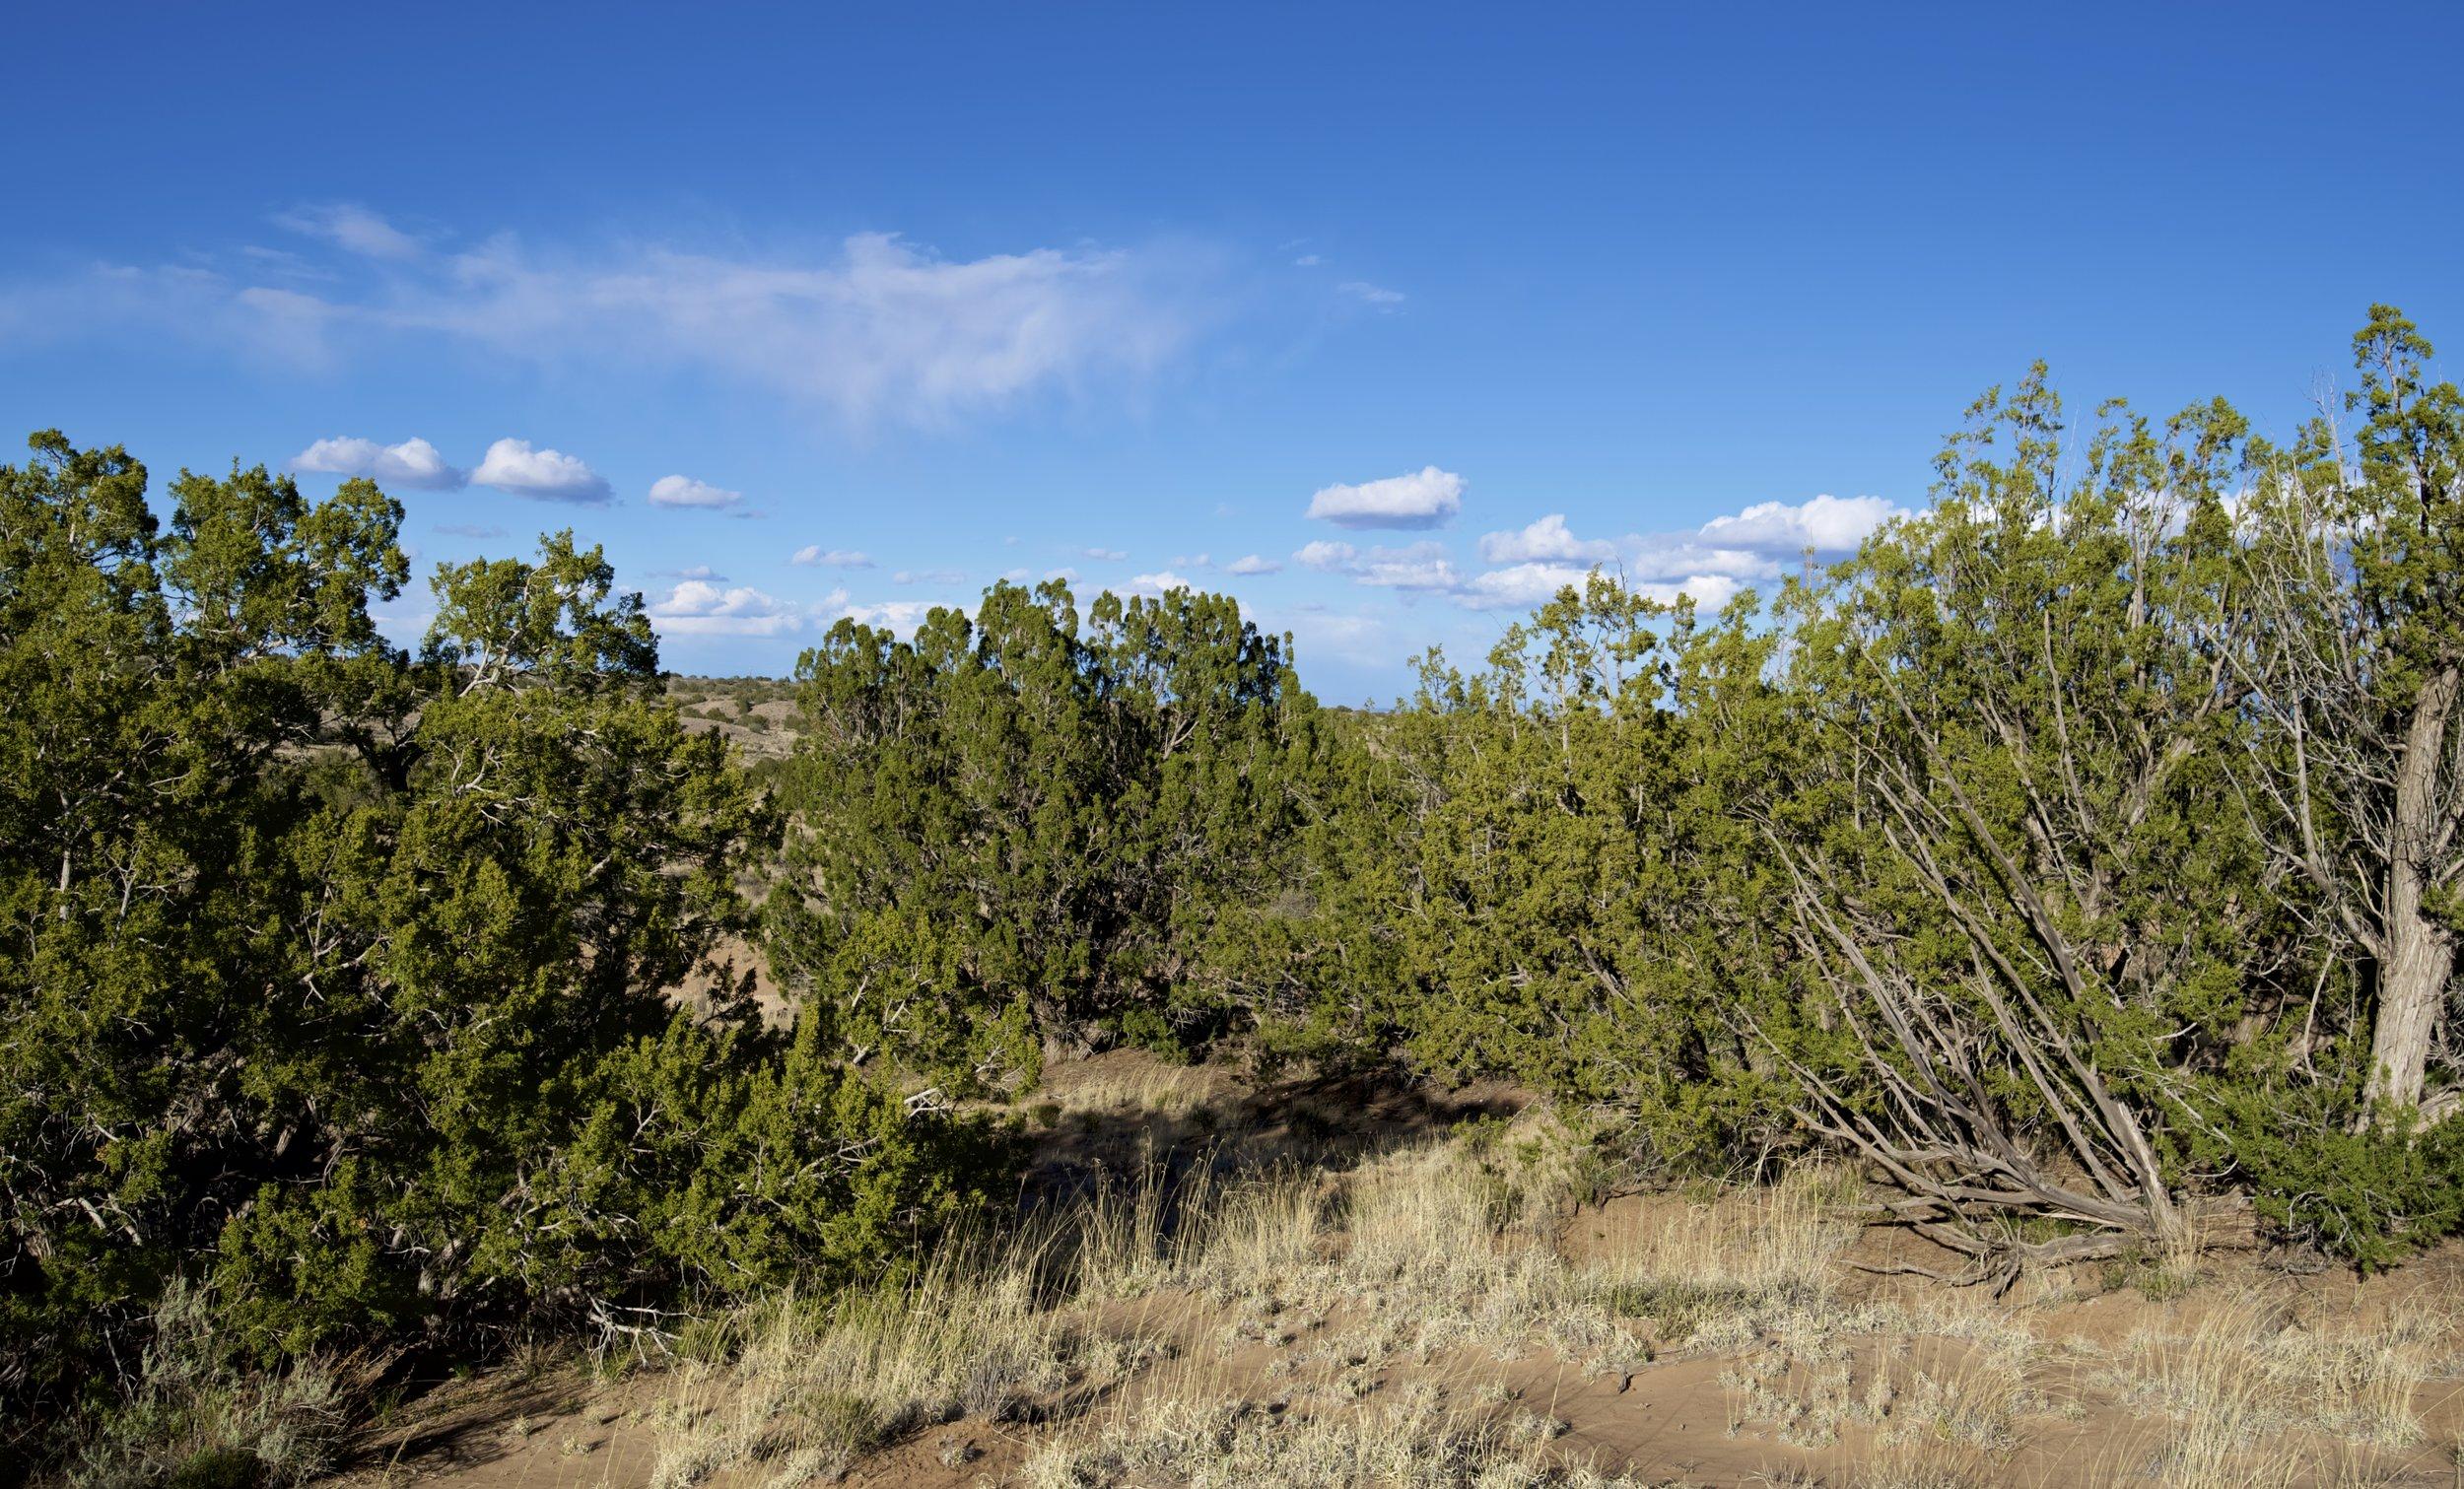 SNNM-2231-rio-rancho-125672.jpg